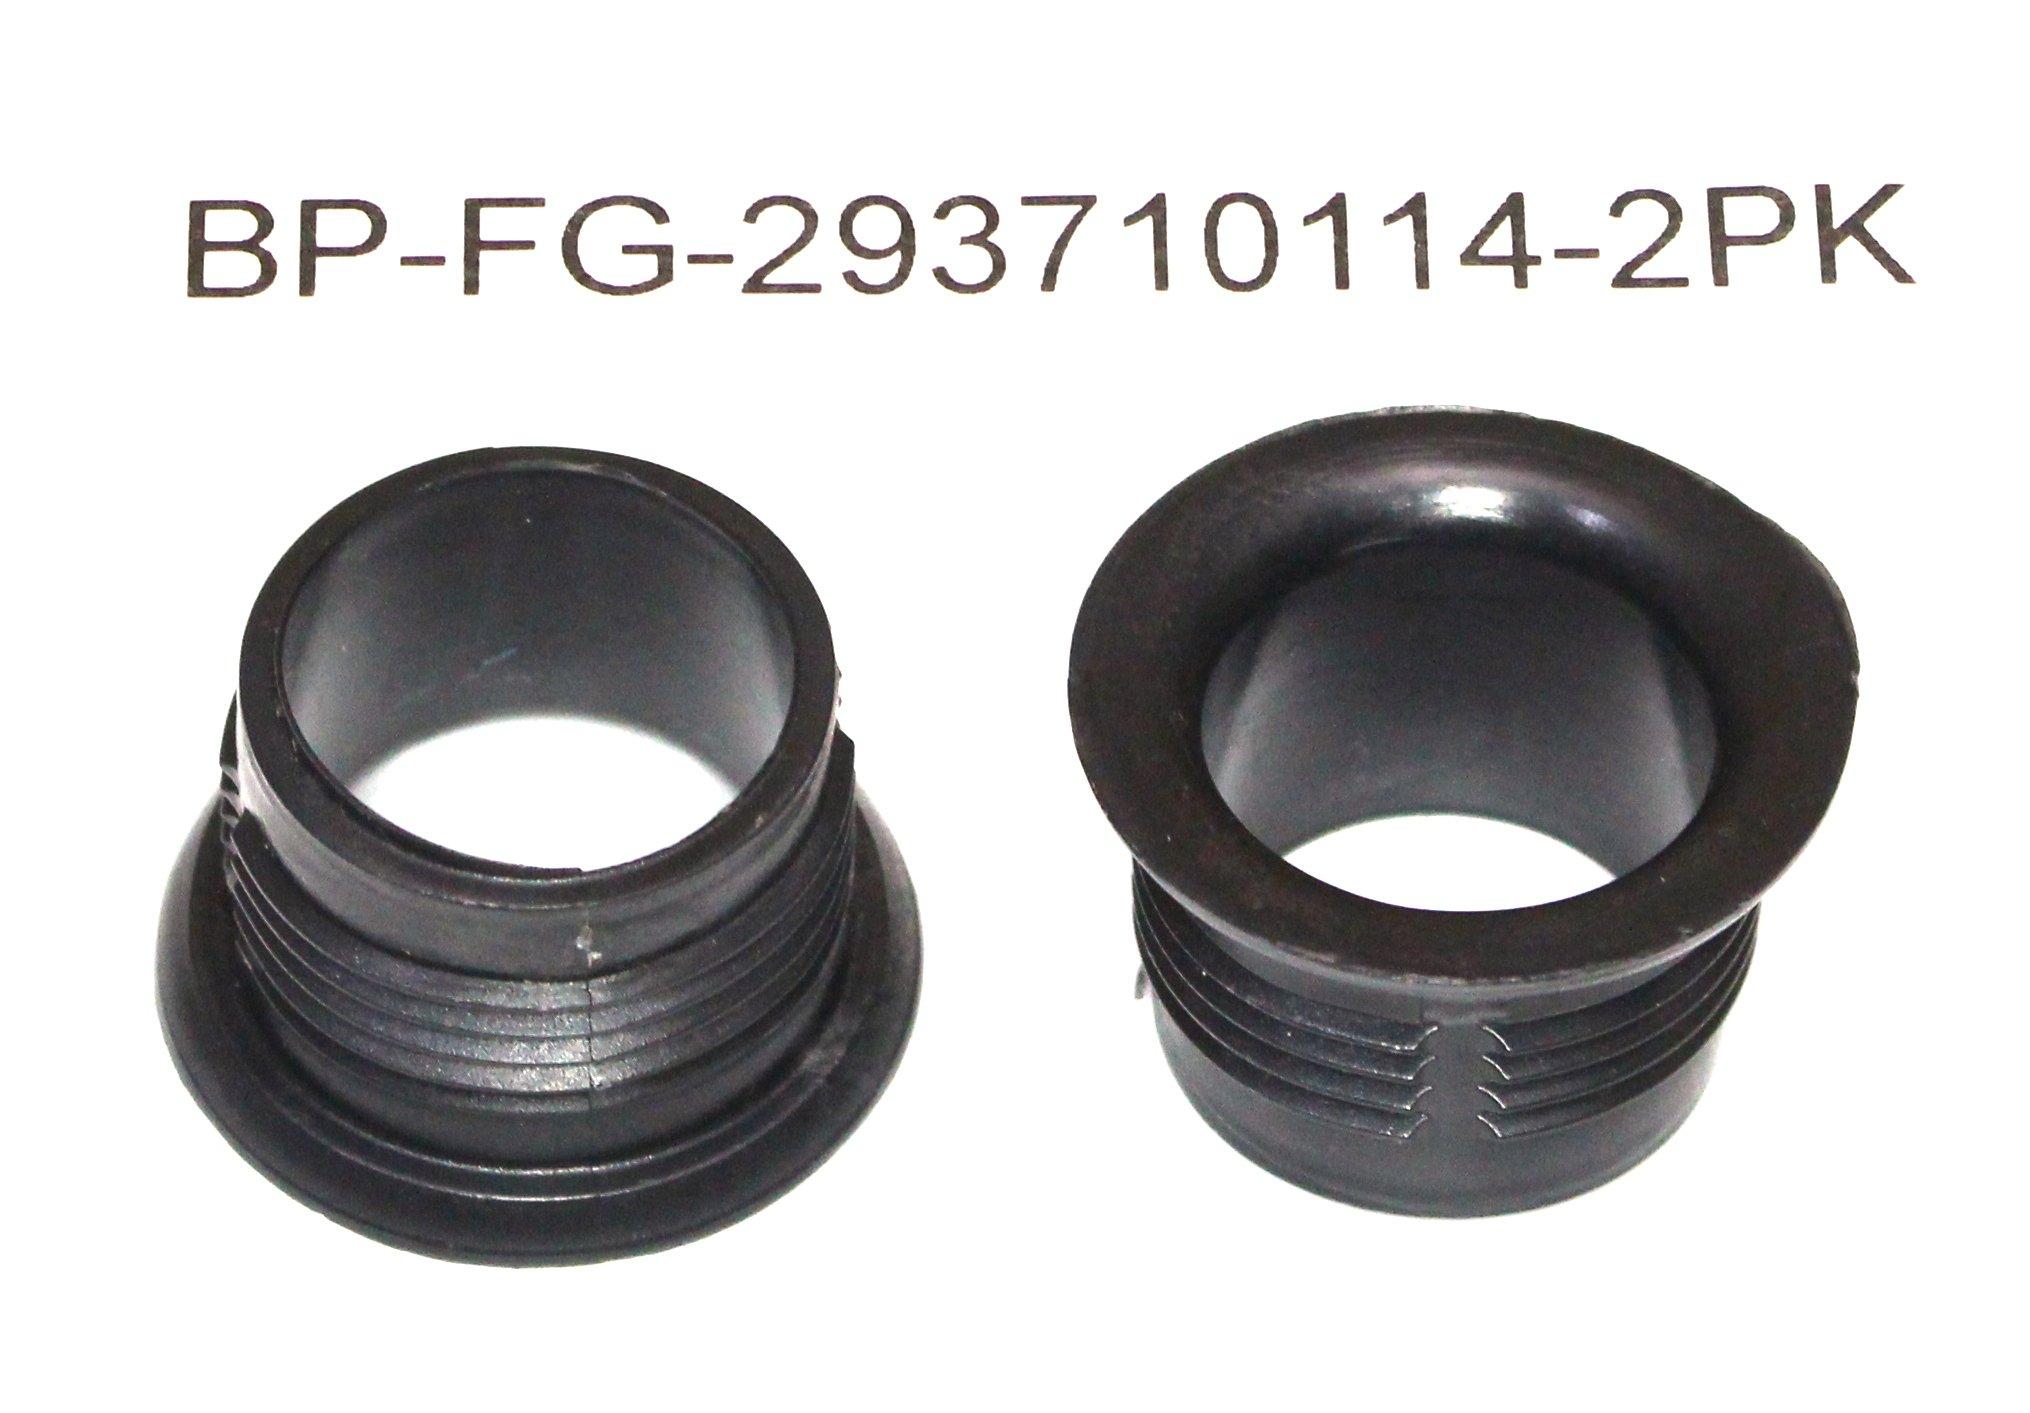 AFTERMARKET SeaDoo Rideplate plastic fitting GTX RXP RXT GTI GTS oem# 293710114